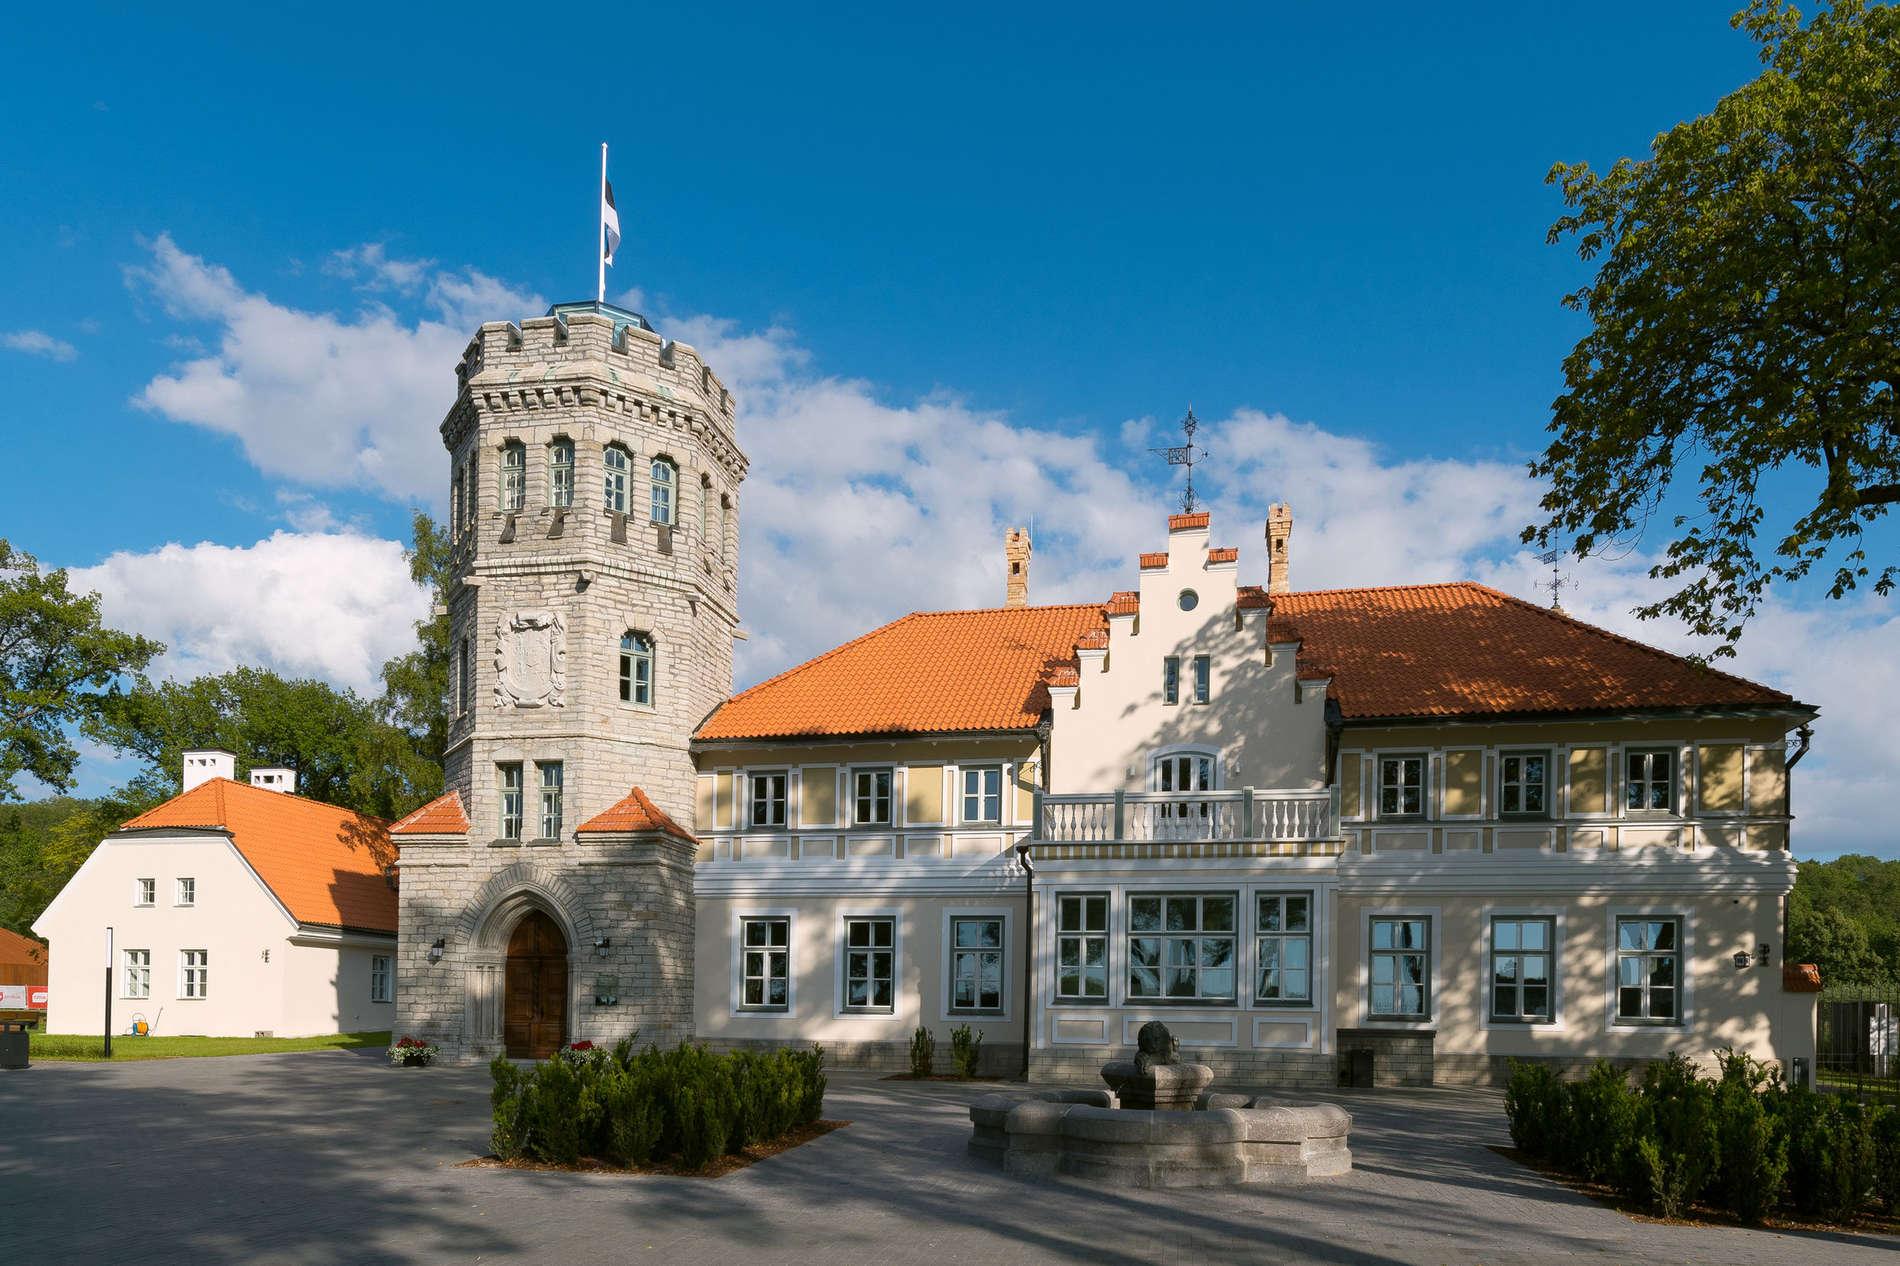 Вид снаружи на здание и главный вход в Замок Маарьямяэ - Эстонский исторический музей в летнее время, Пирита, Таллинн, Эстония